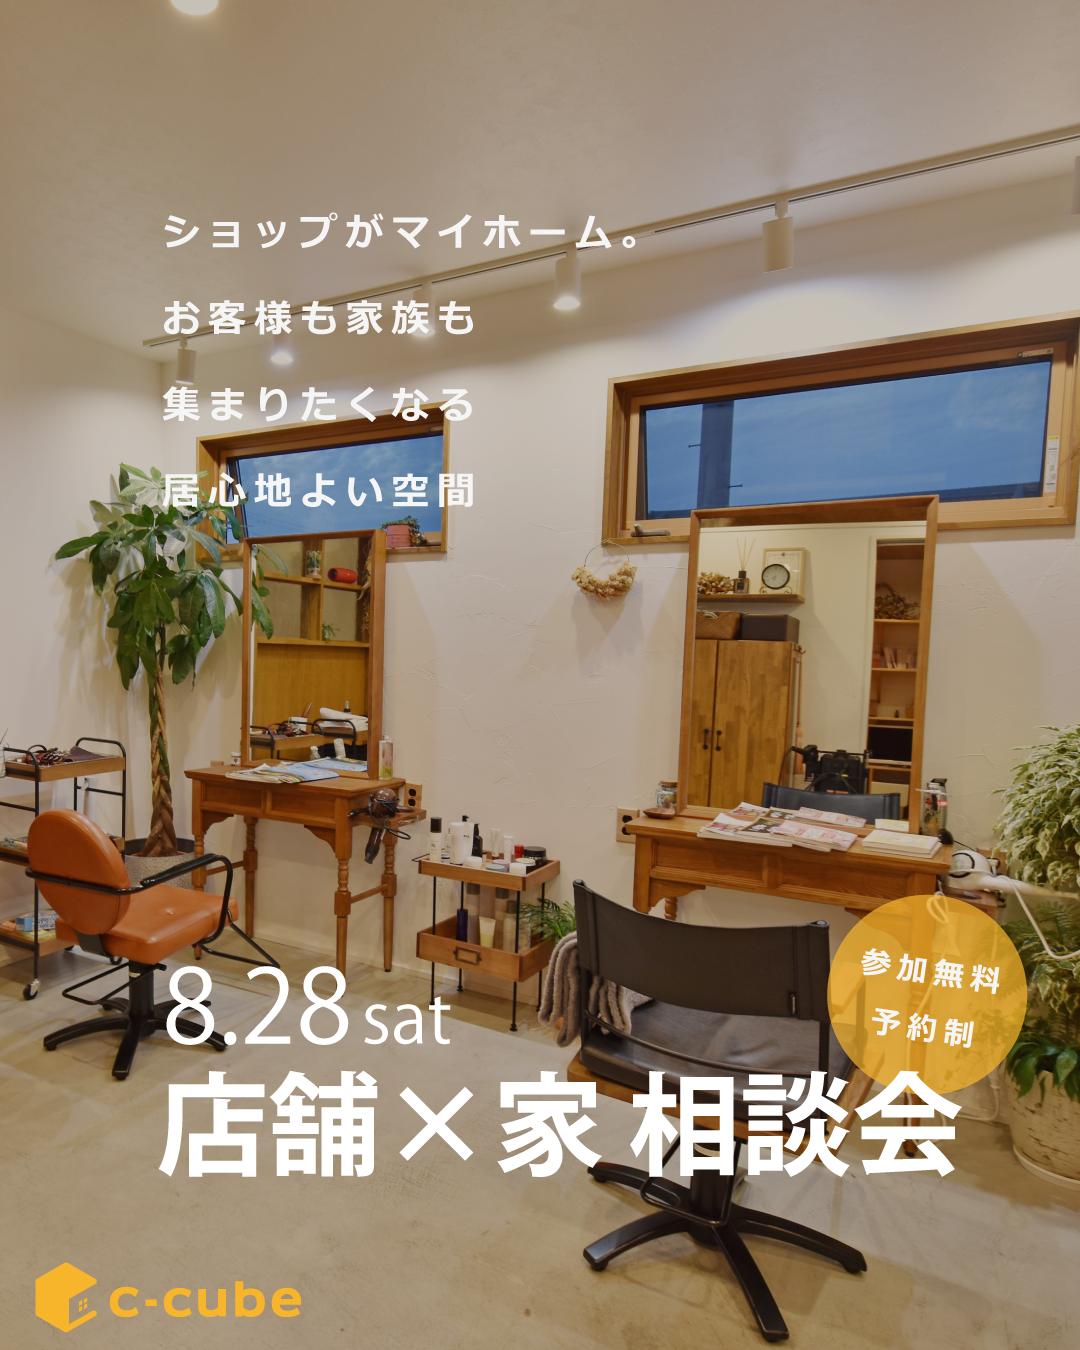 【8月28日(土)10:00~12:00】店舗併用住宅相談会